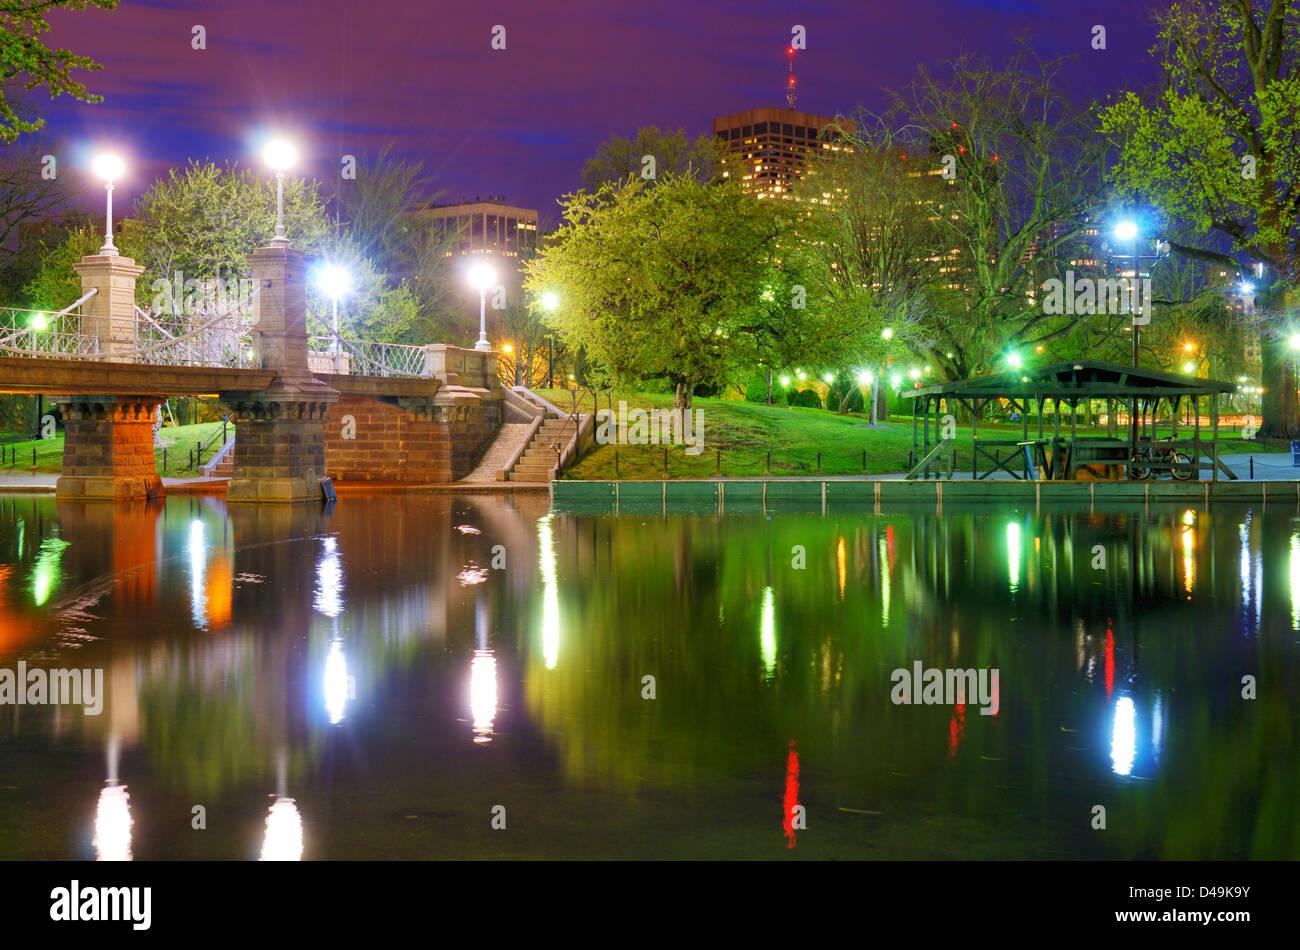 Lagune-Brücke an der Boston Public Gardens in Boston, Massachusetts. Stockbild